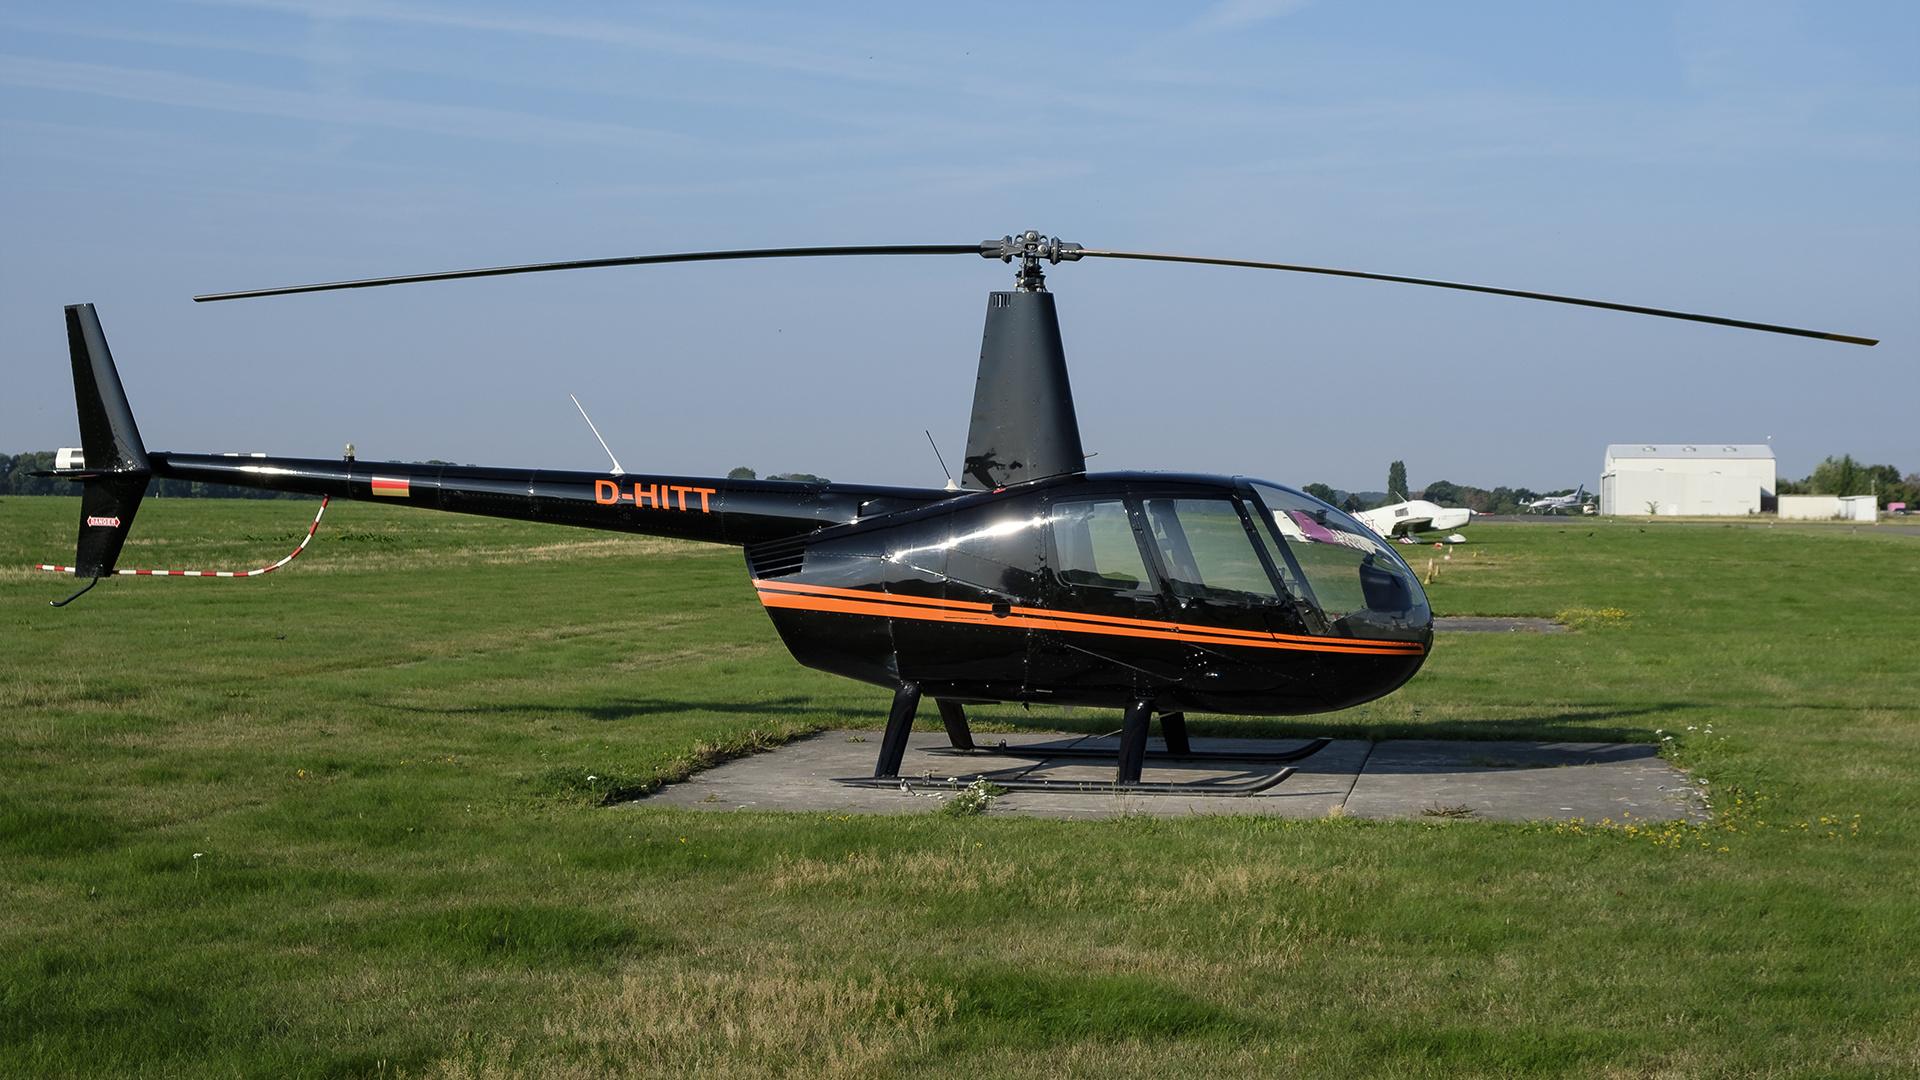 D-HITT-1 R44 ESS 201908